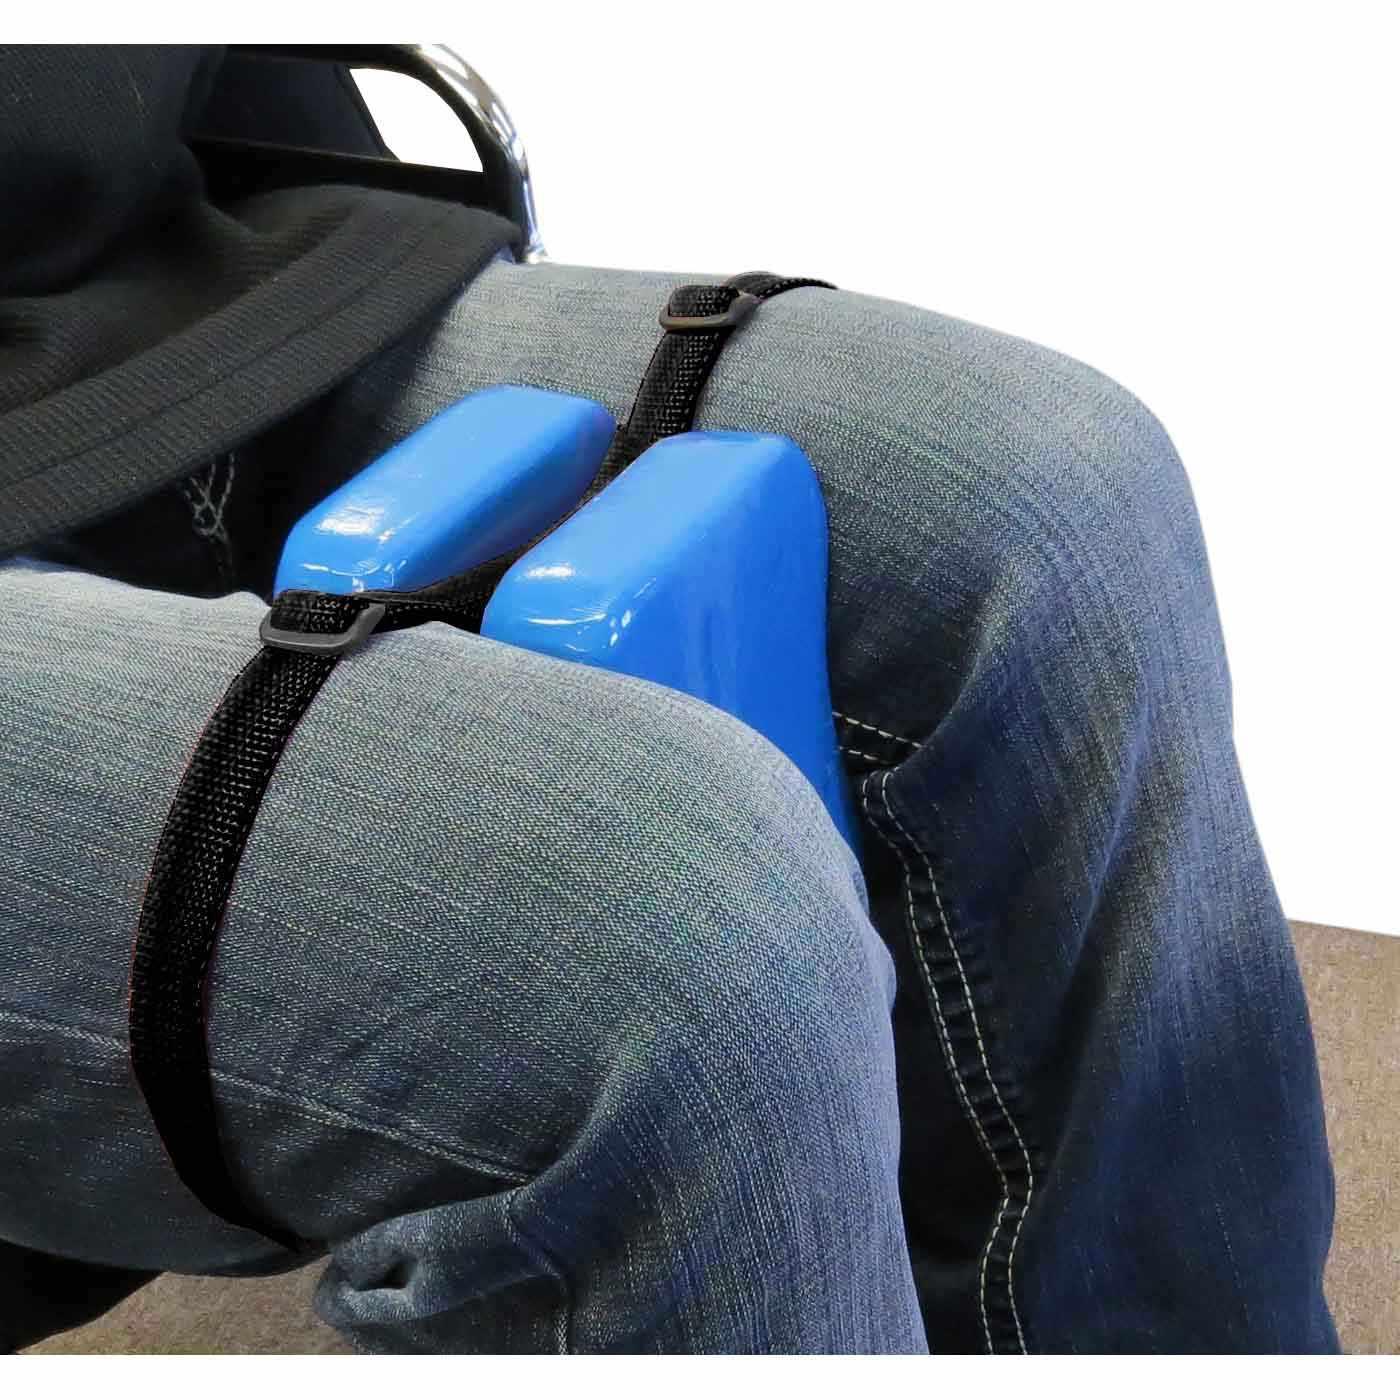 Portable abductor